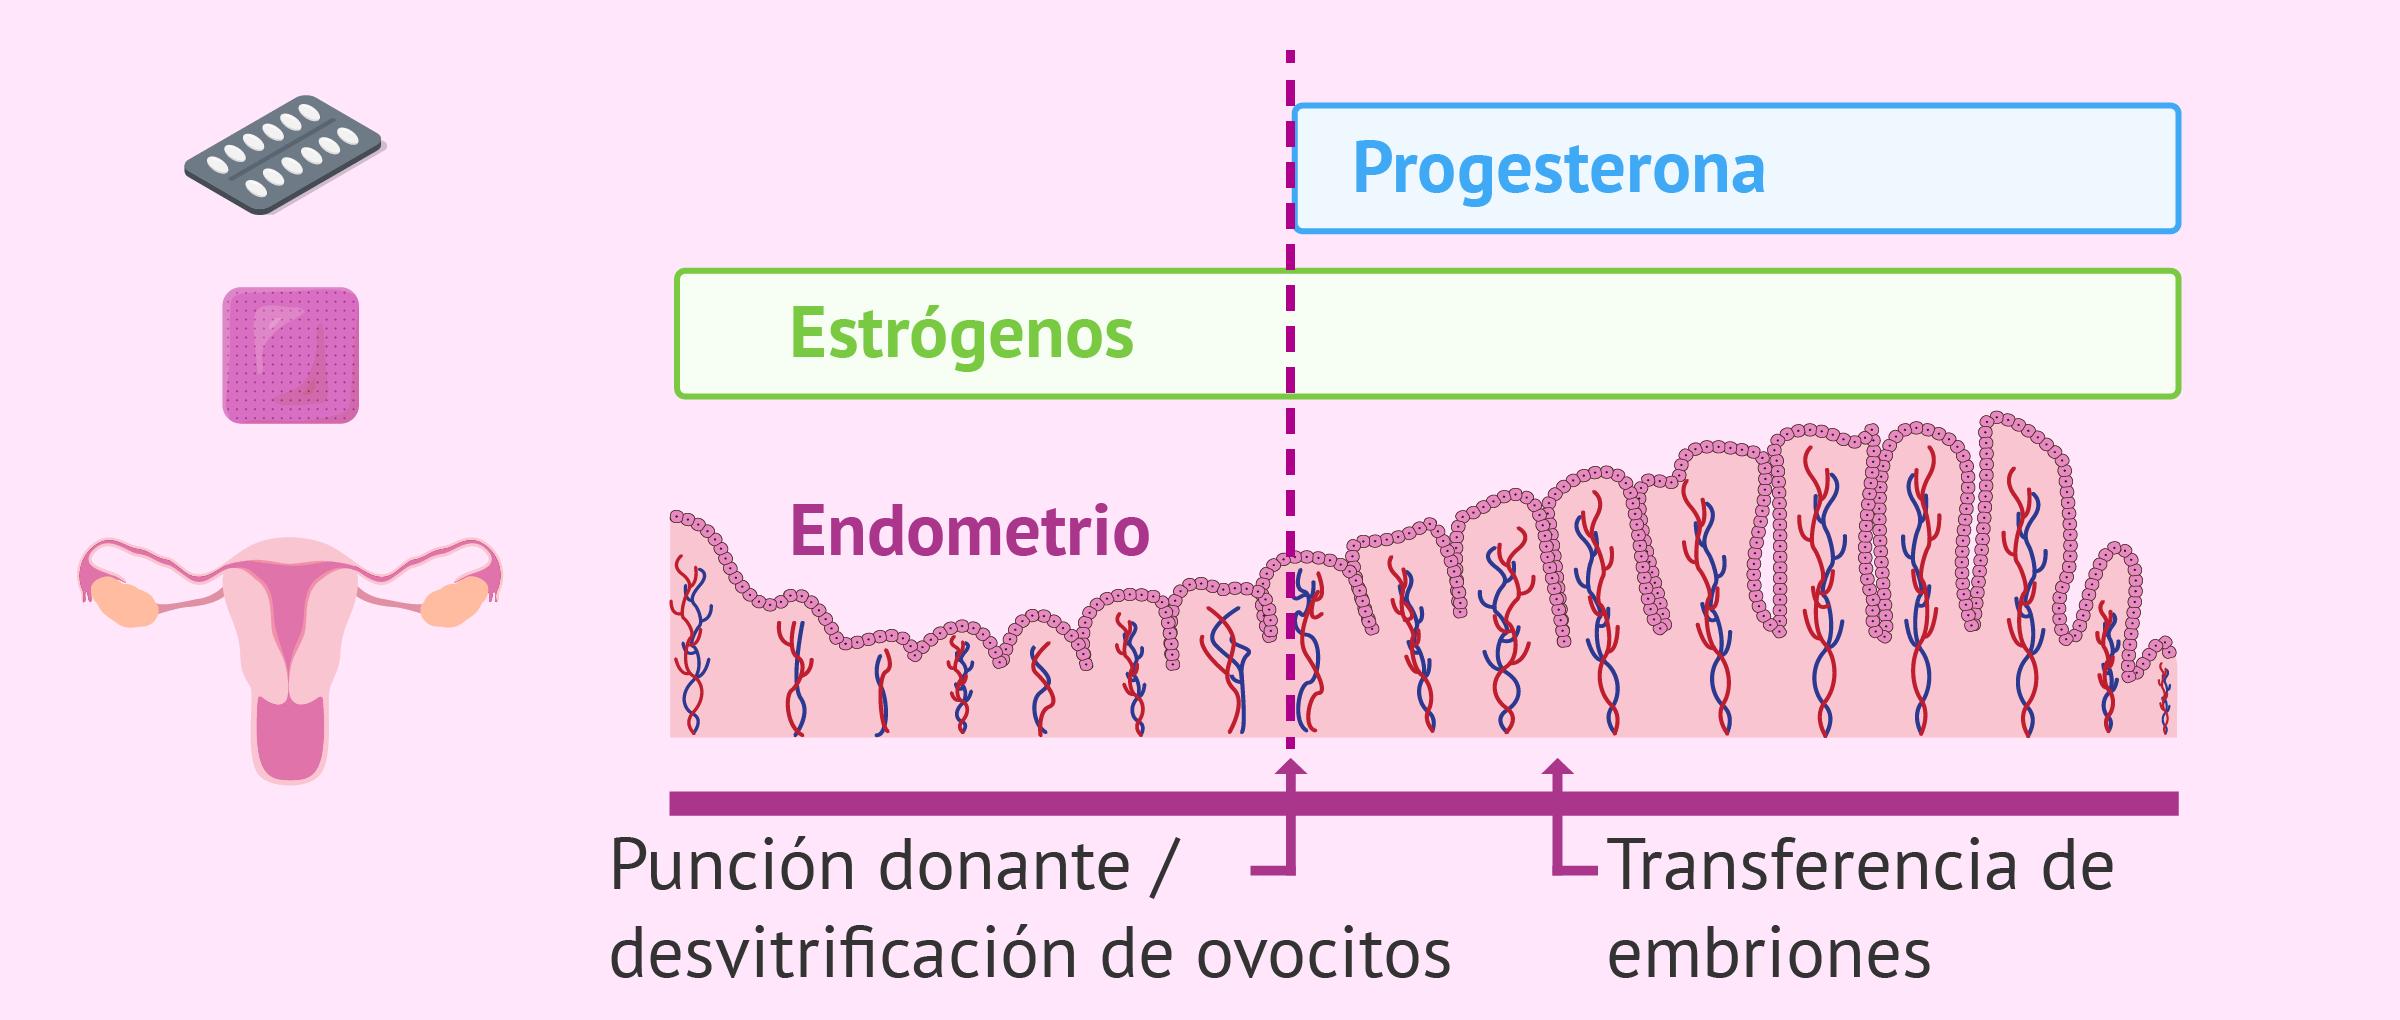 Preparación endometrial en la receptora de óvulos